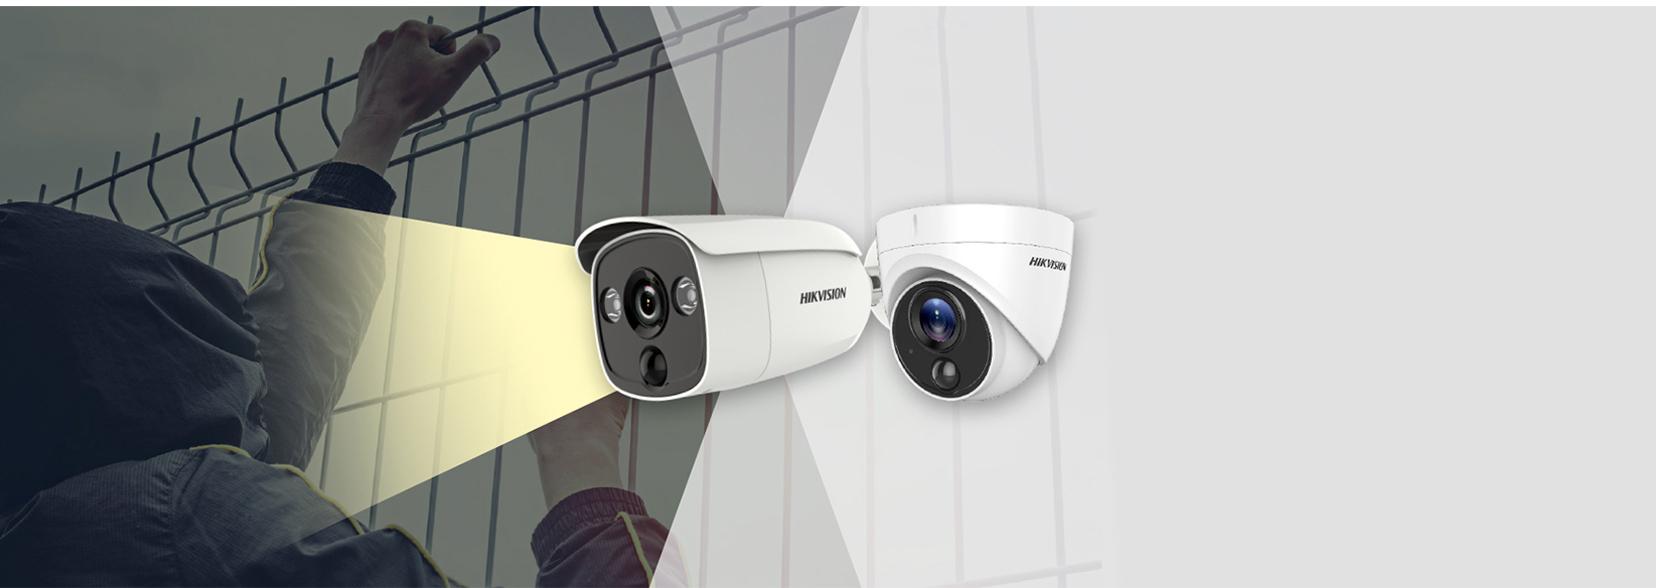 دوربین مداربسته | قیمت دوربین مدار بسته | مشاوره خرید دوربین مداربسته